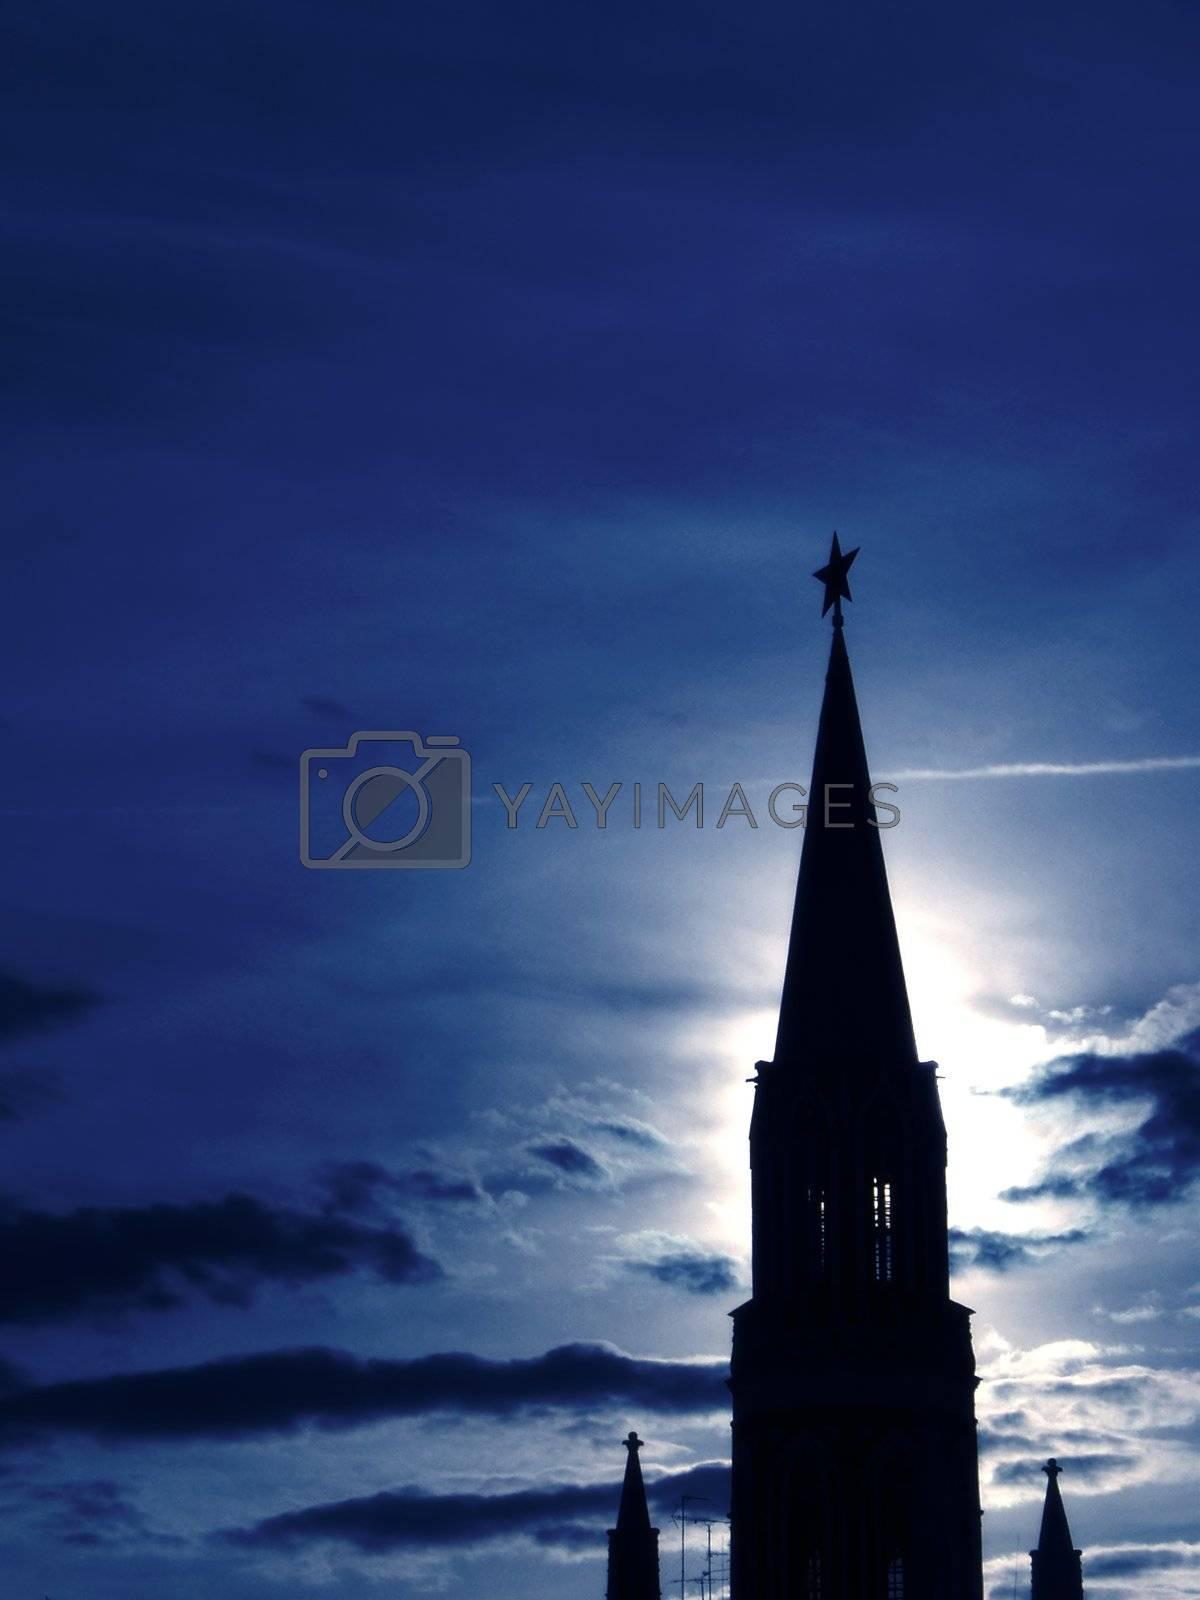 tower night silhouette urban architecture cityscape dark